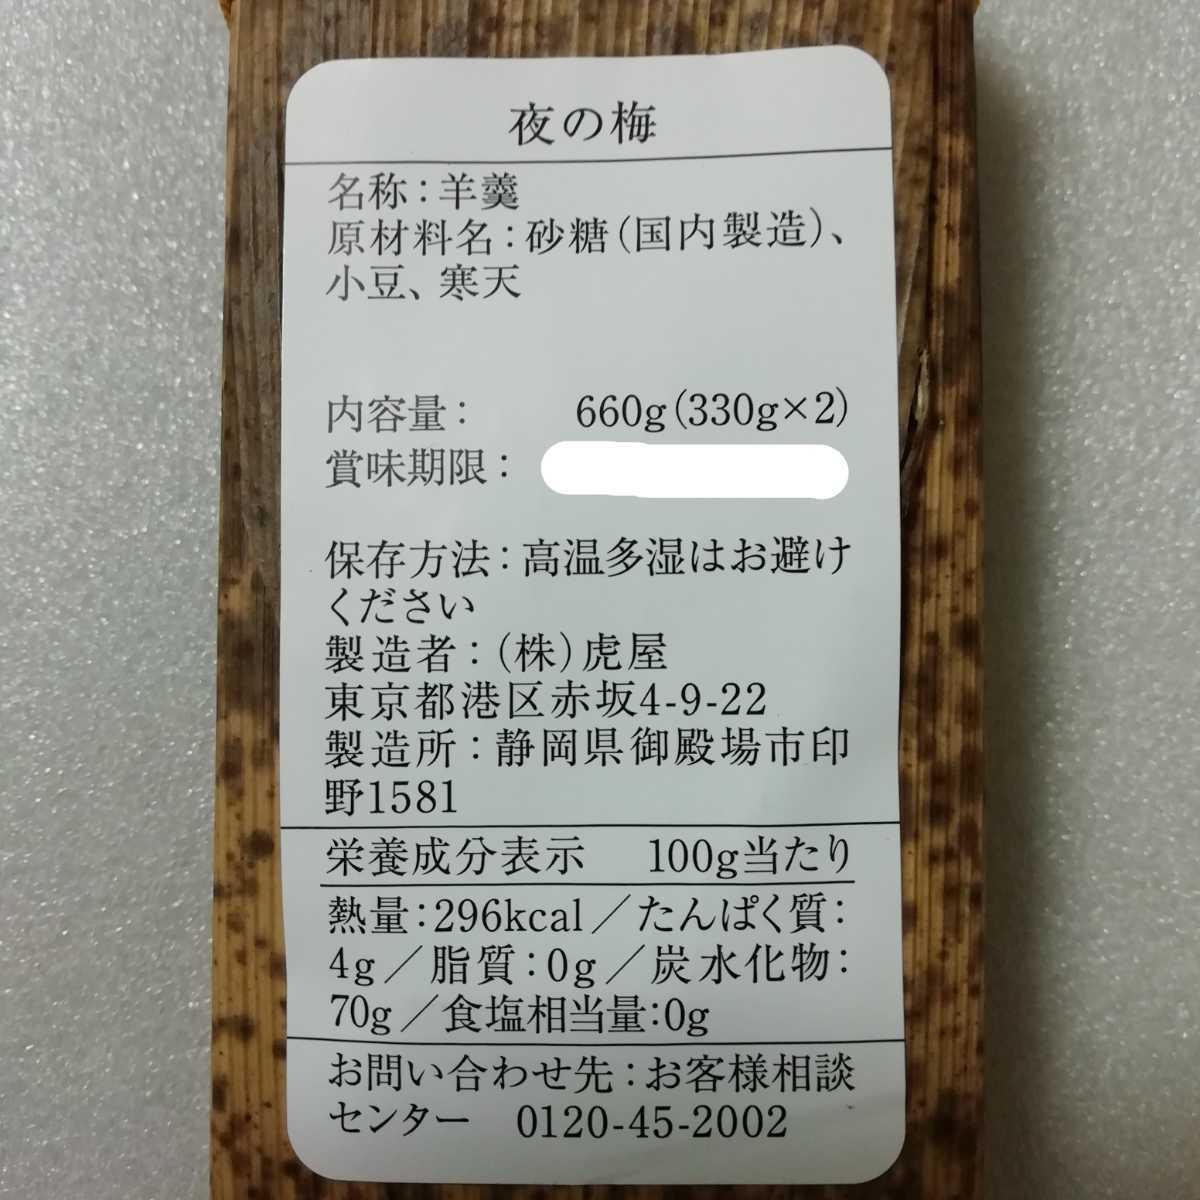 とらや 鶴屋吉信 夜の梅 京観世 和菓子 羊羹 ようかん 和菓子_画像3